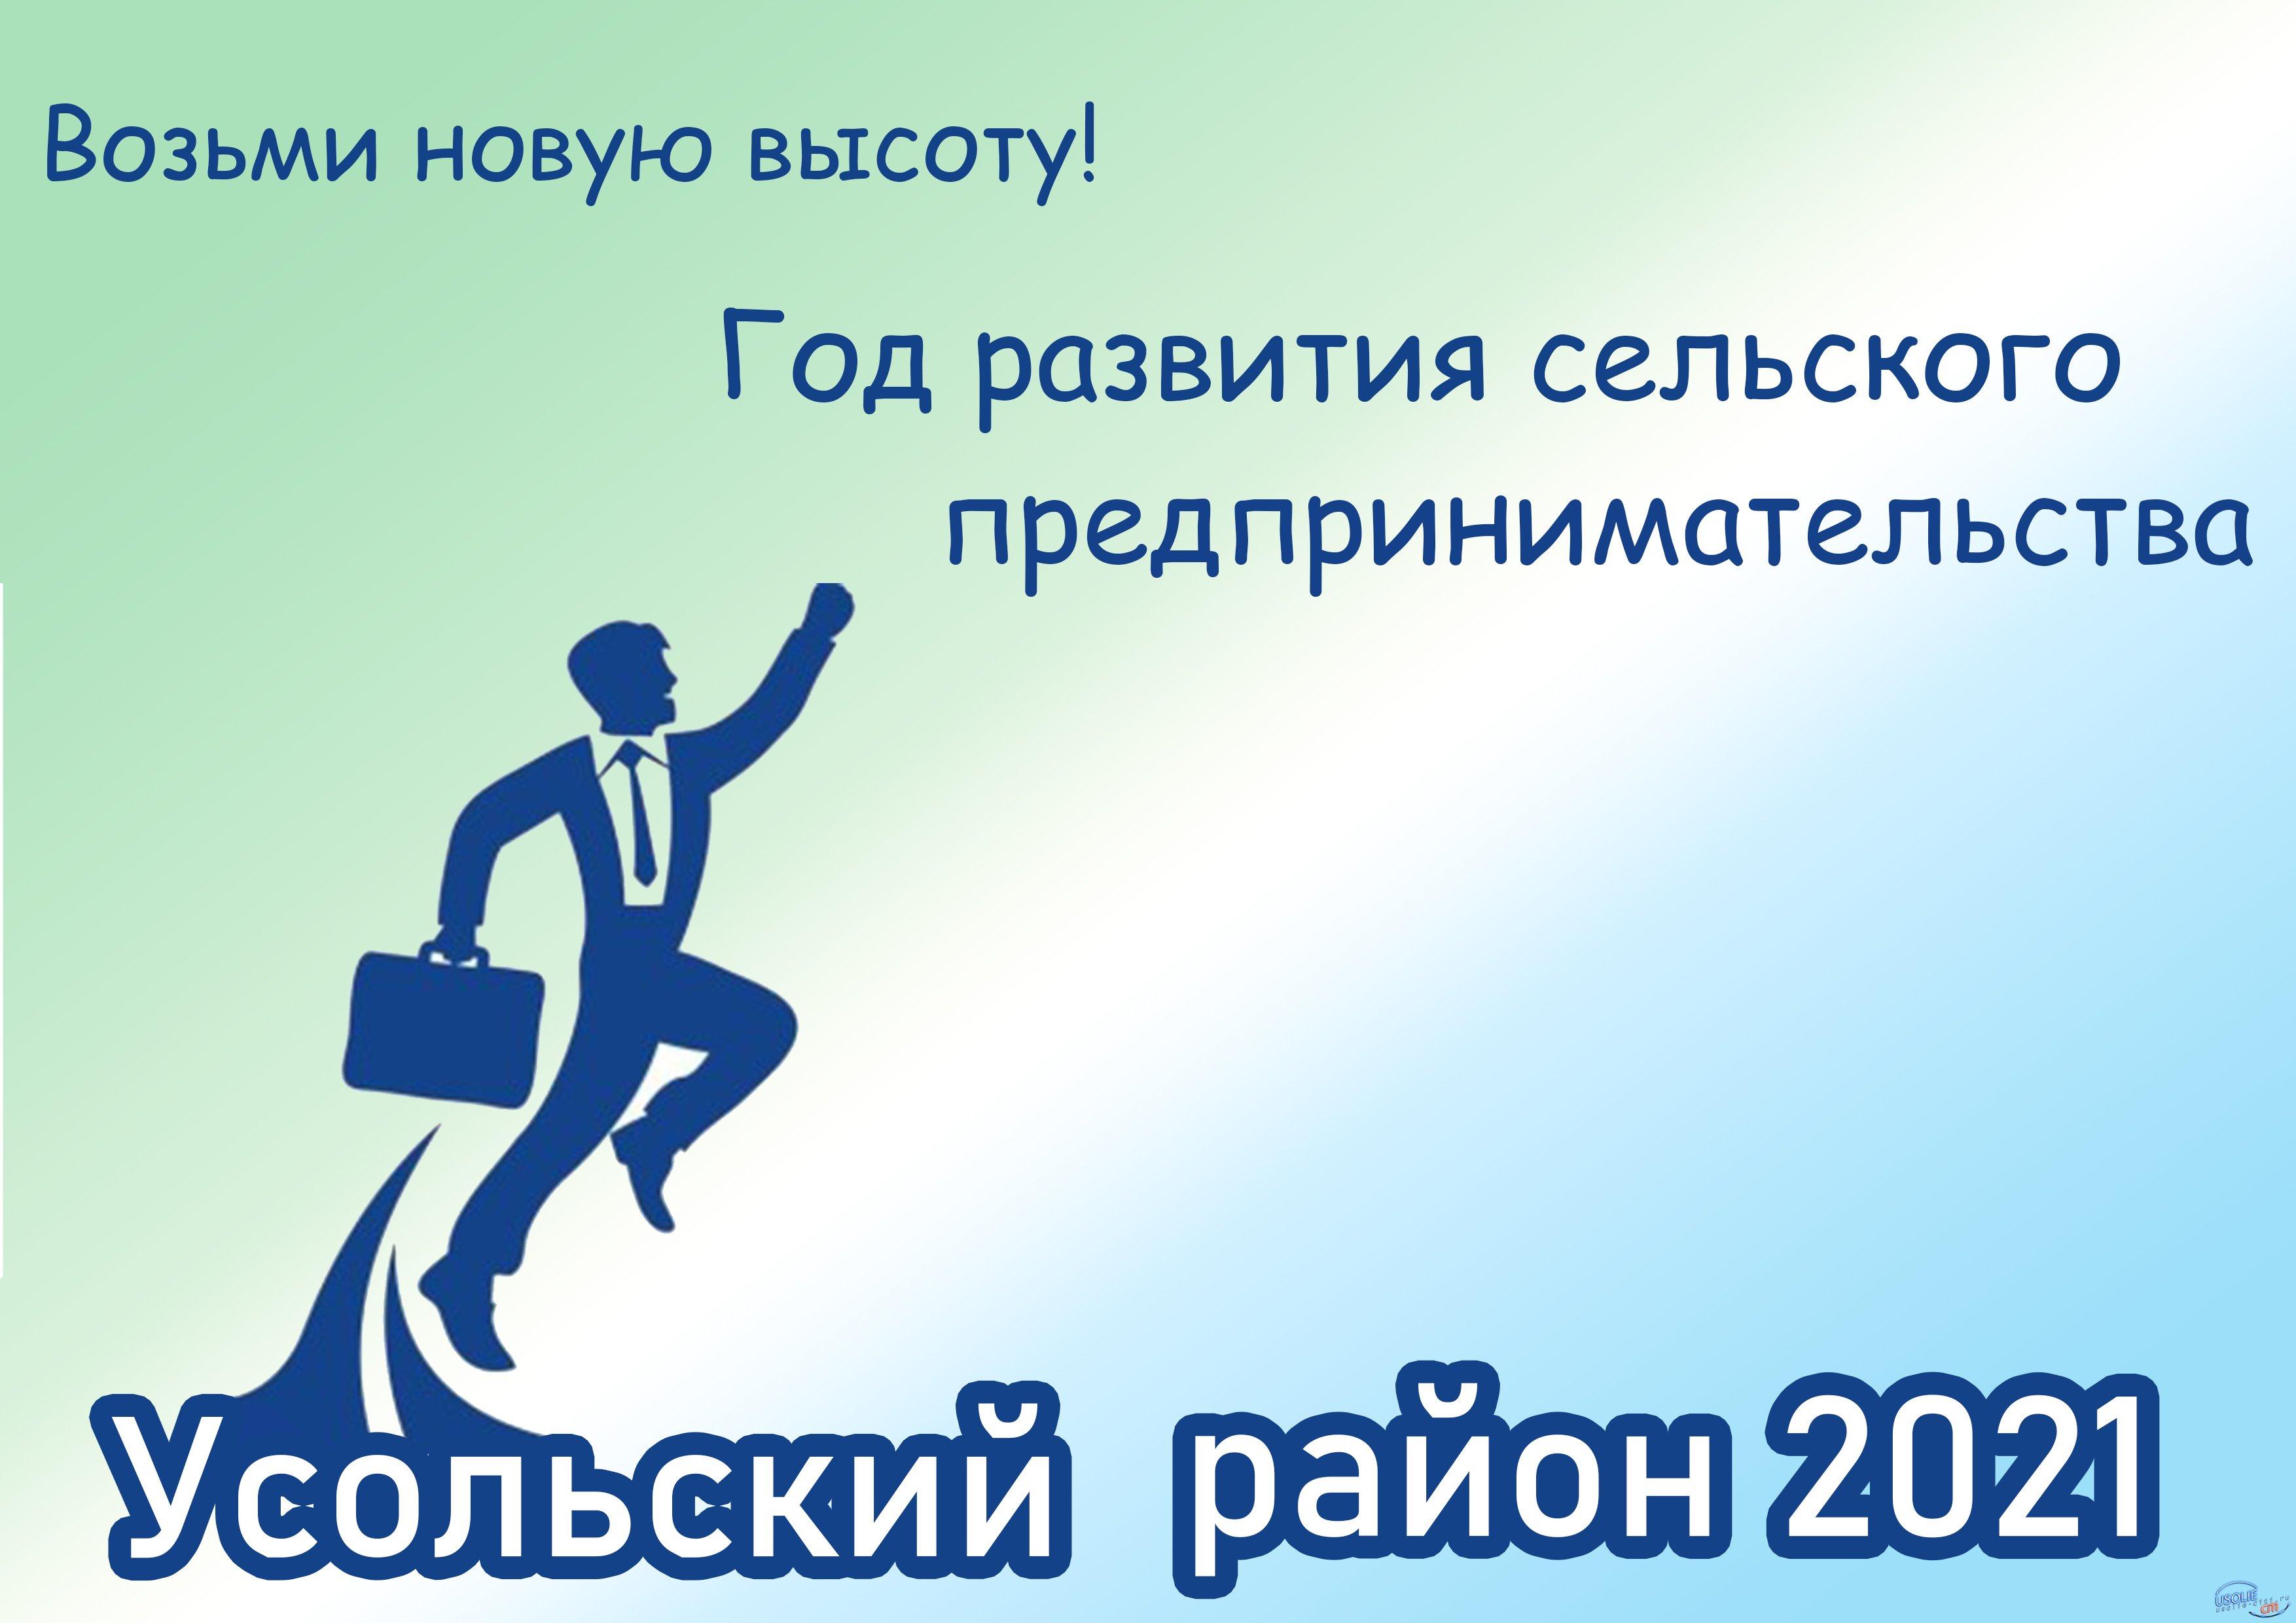 В Усольском районе стартовал Год развития сельского предпринимательства